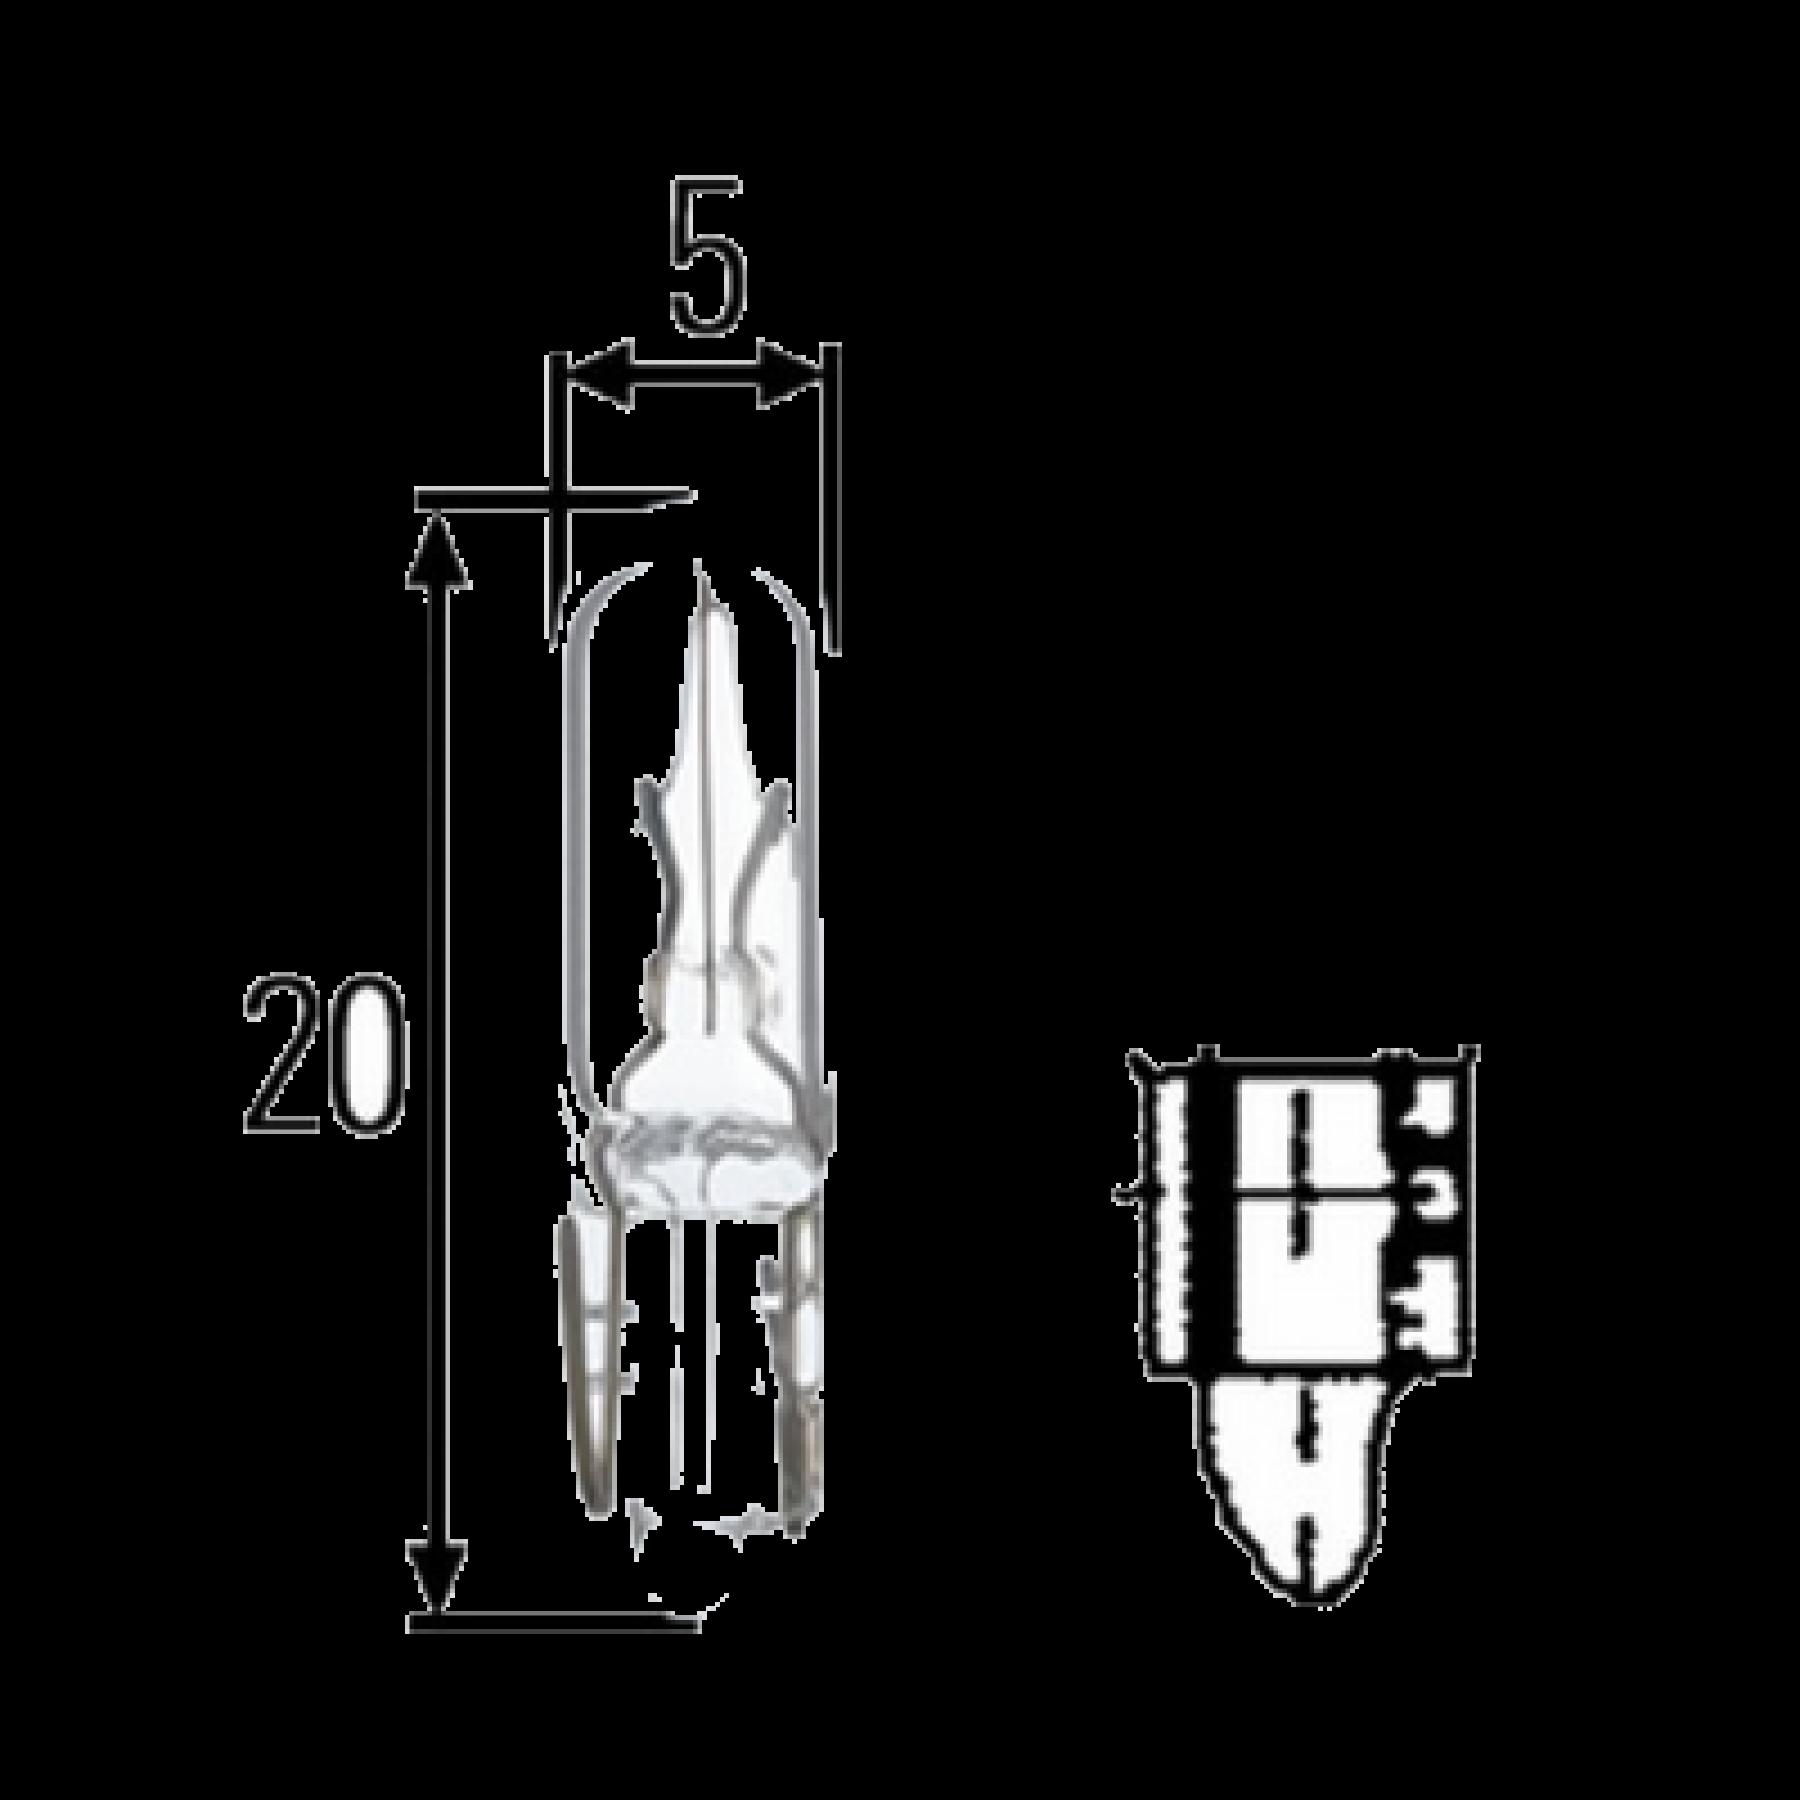 Gloeilamp 12v 5w 314 BA15d (12822)